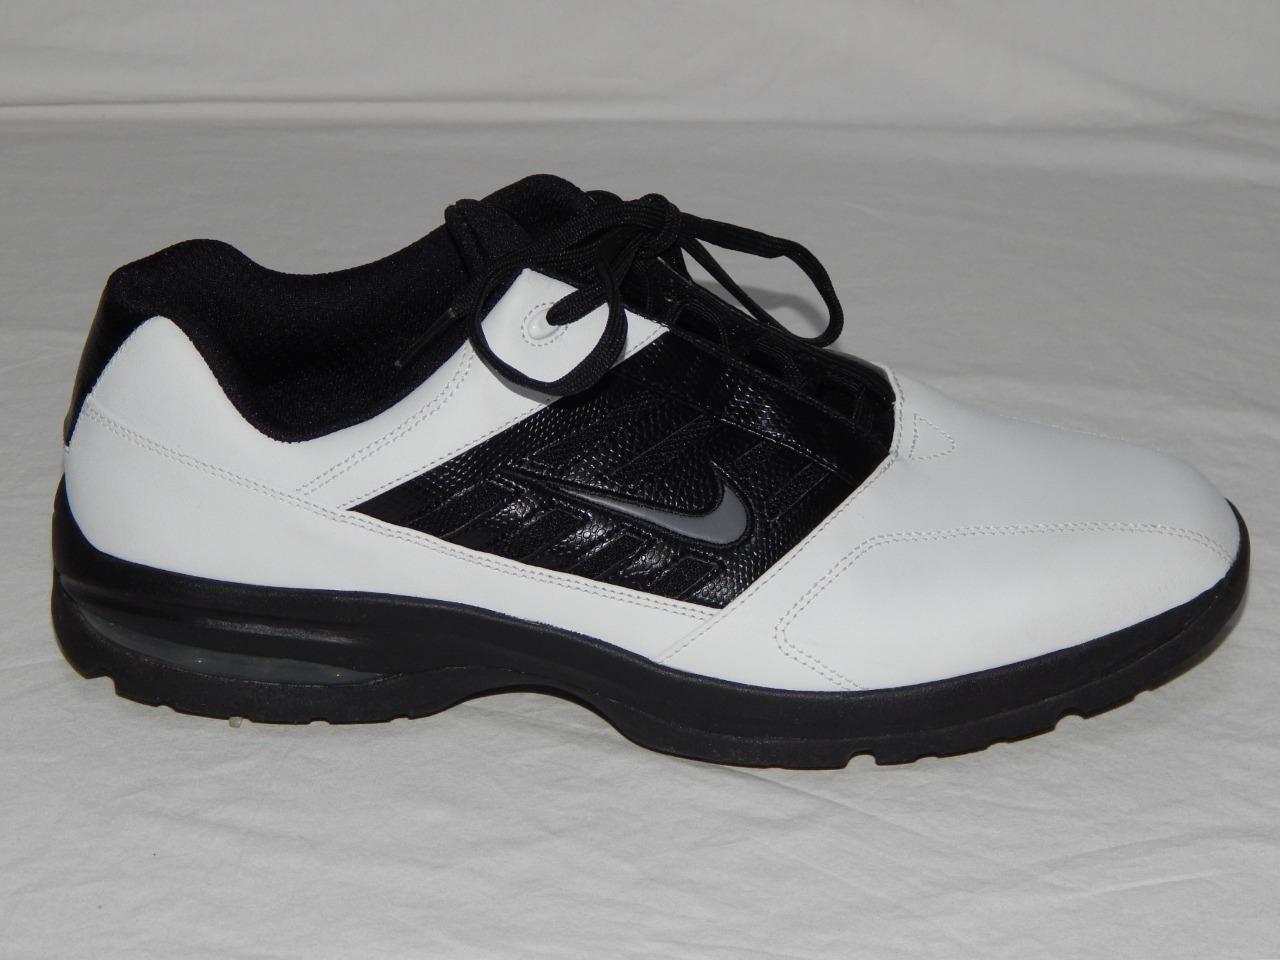 Nike hombre Negro logo Blanco color block Swoosh logo Negro 312358-101 Golf zapatos cómodos 92cae2